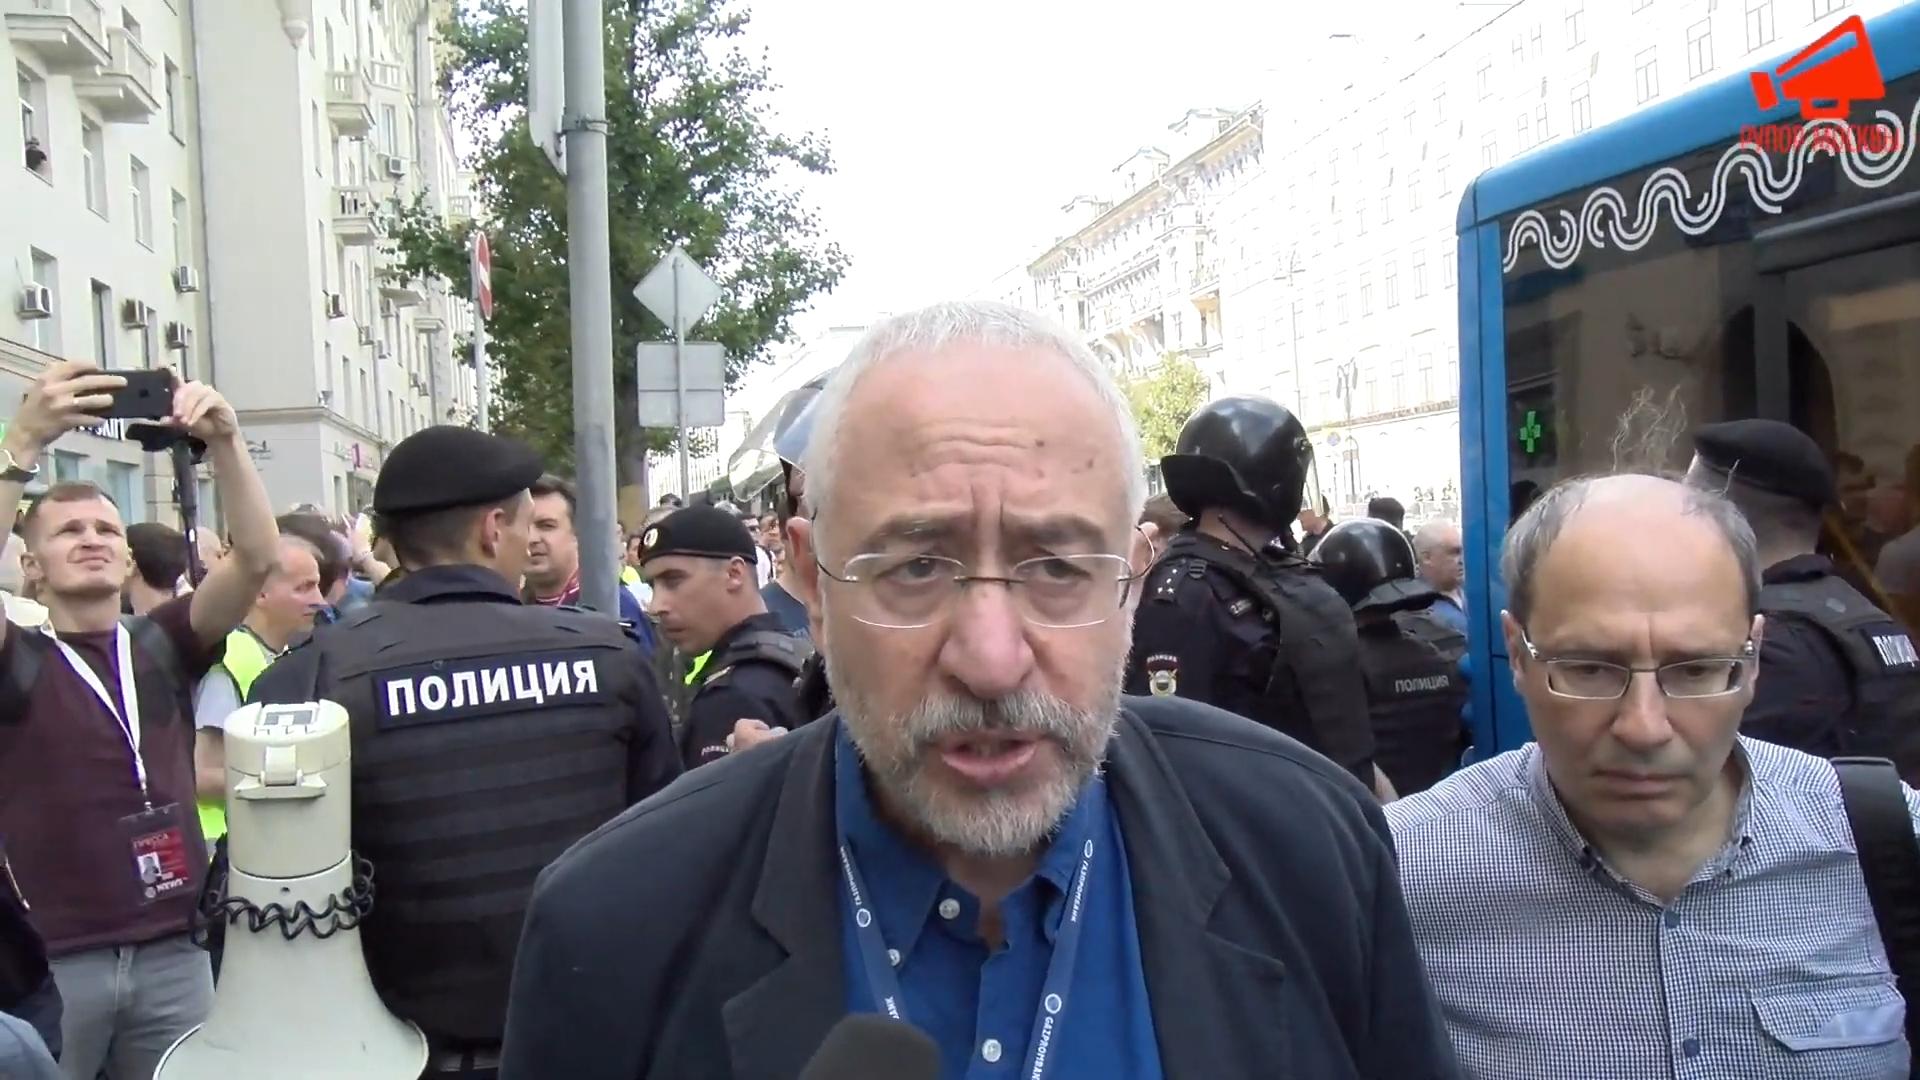 Член СПЧ Николай Сванидзе об акции 27 июля- «Задача властей была обезглавить оппозицию!»-pic1